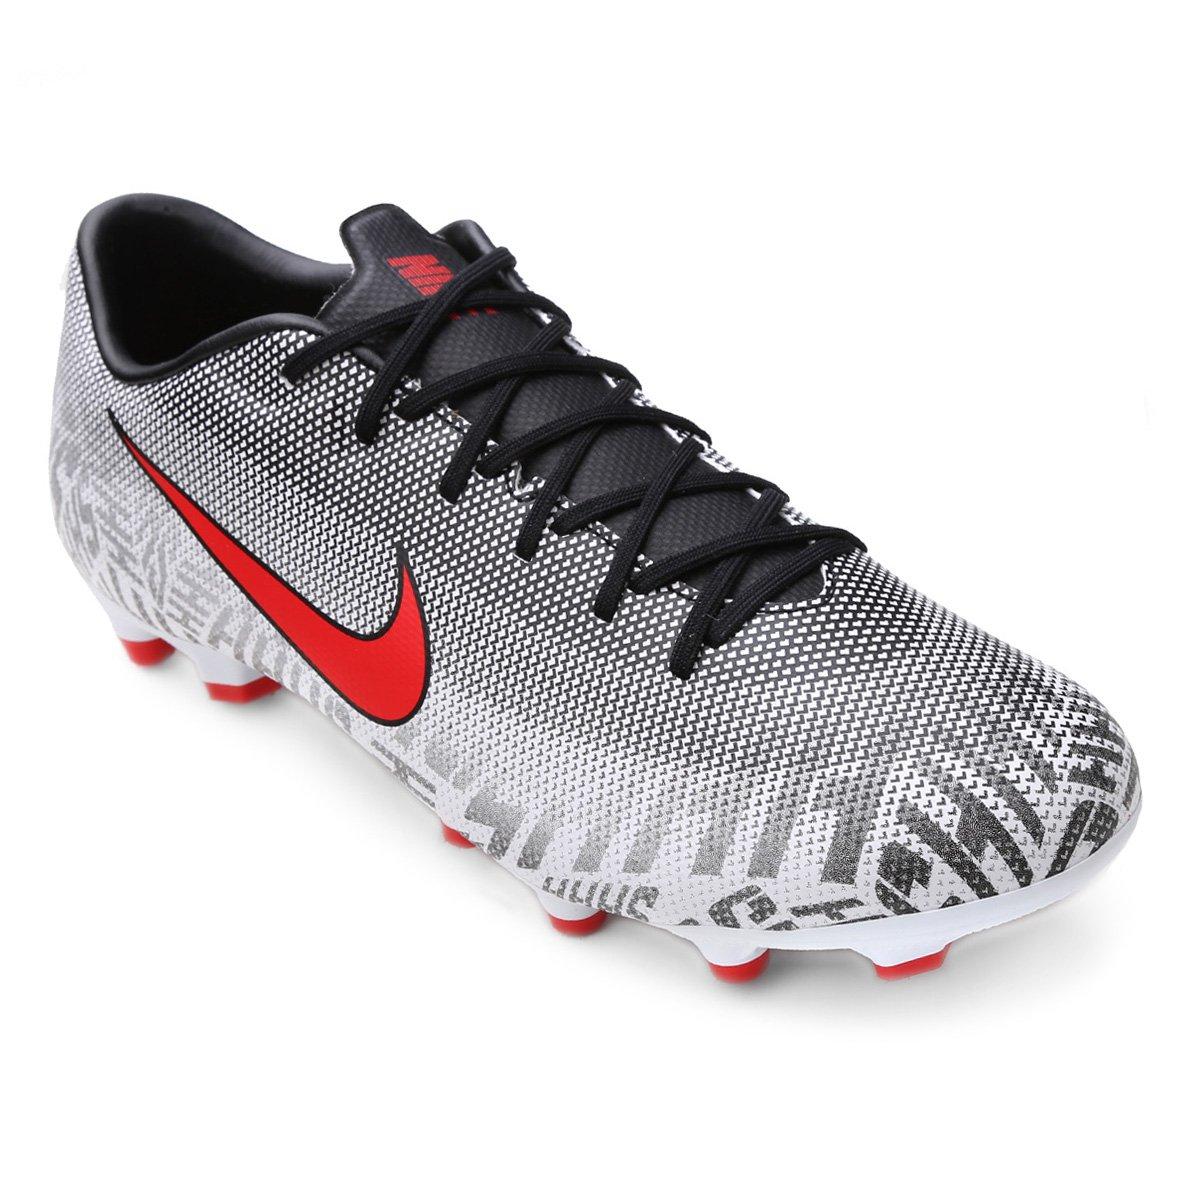 ddc698ef91 Chuteira Campo Nike Mercurial Vapor 12 Academy Neymar Jr FG - Branco e  Vermelho